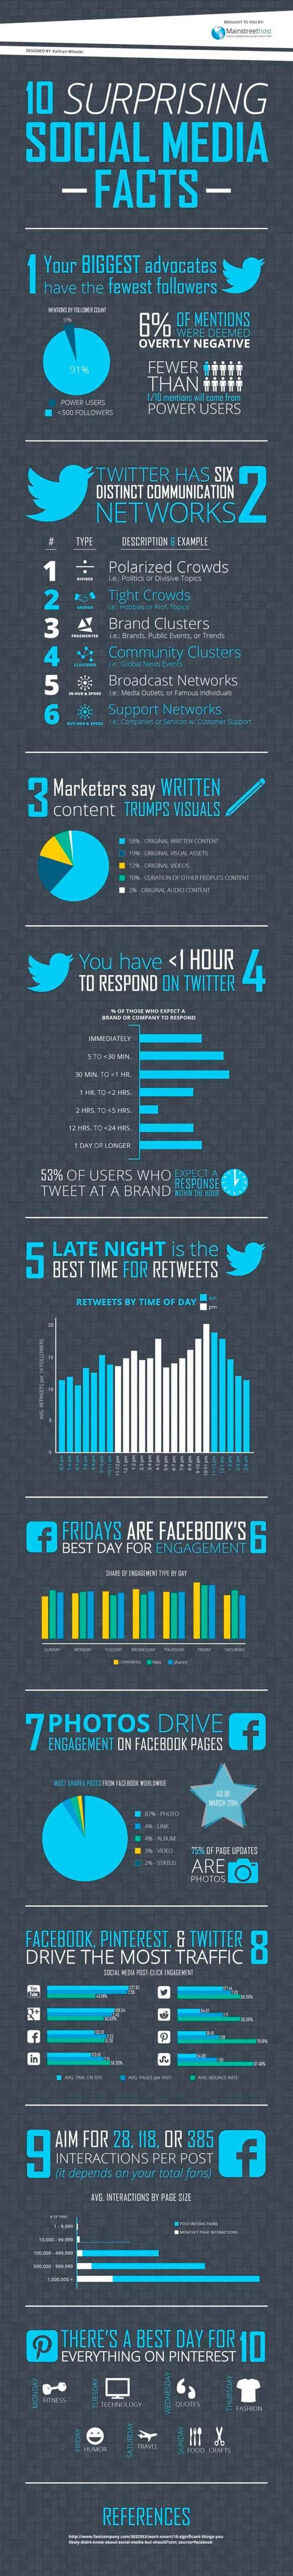 10 factores sorprendentes del social media